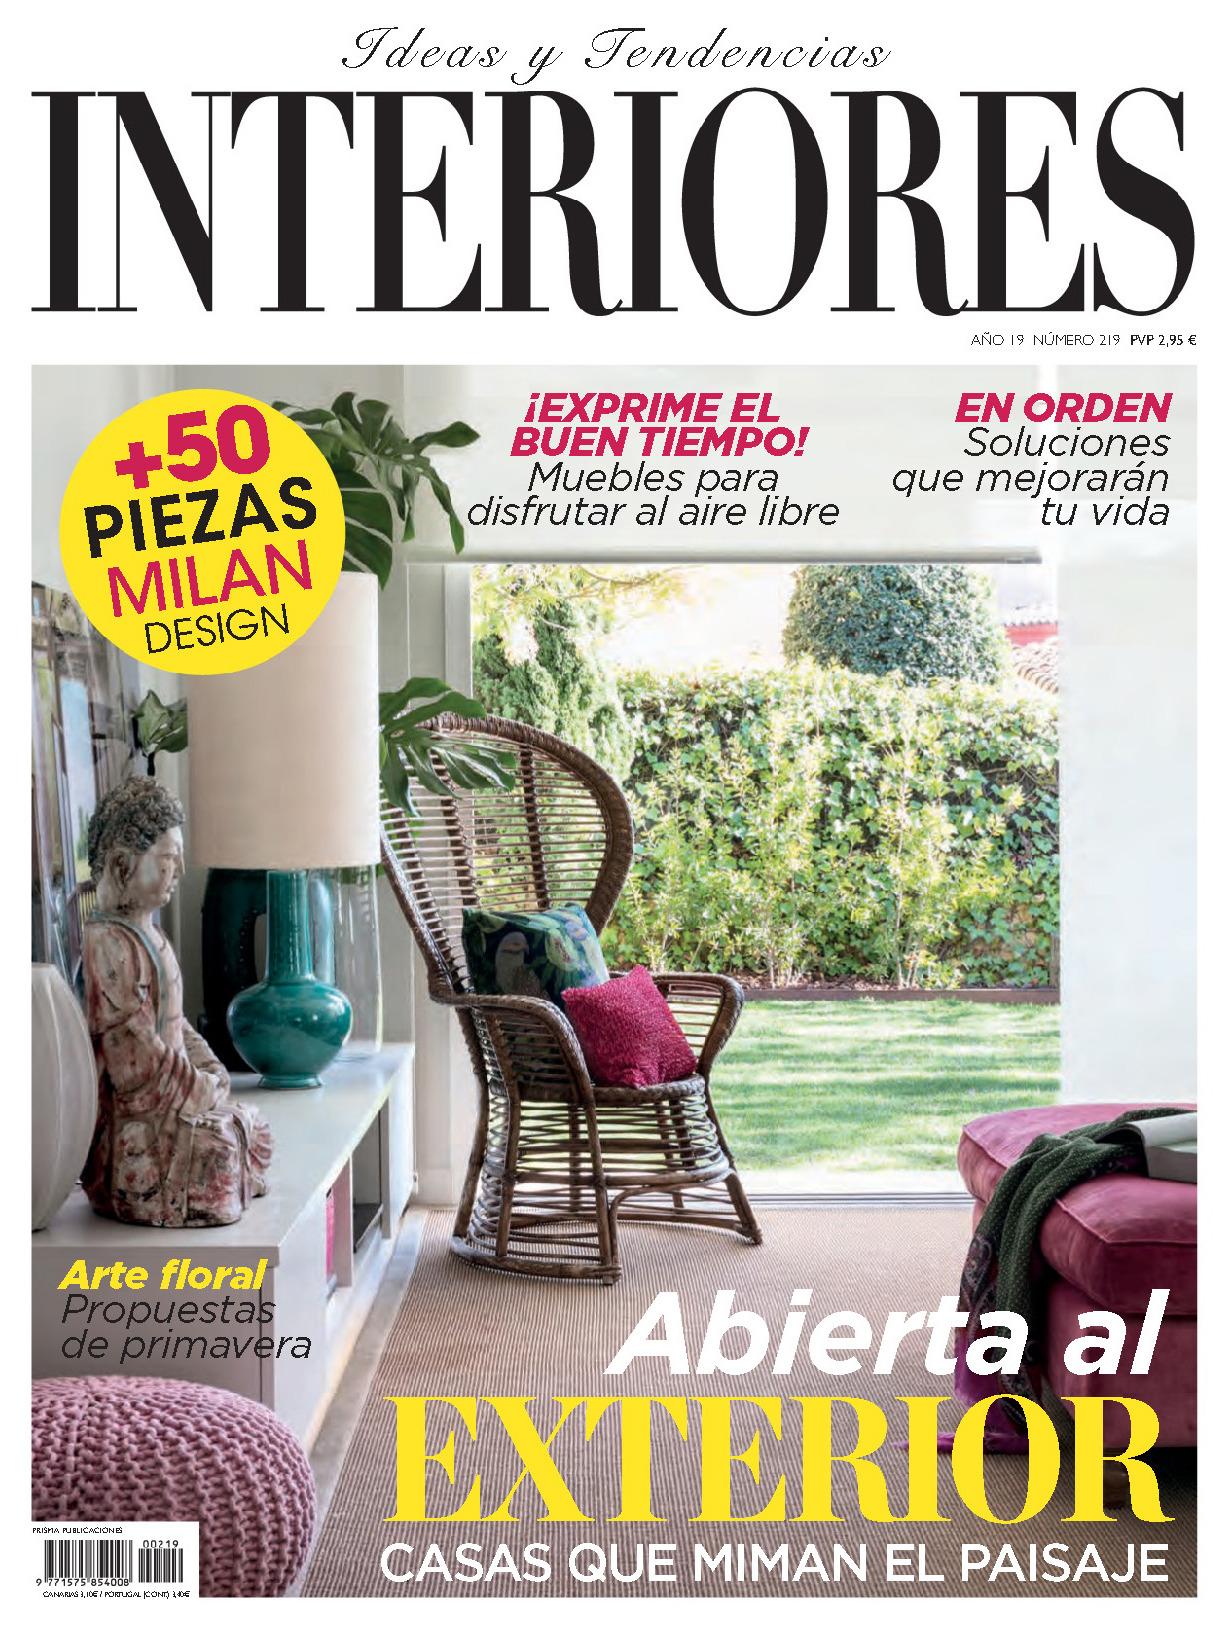 《Interiores》西班牙室内时尚杂志2019年04月号